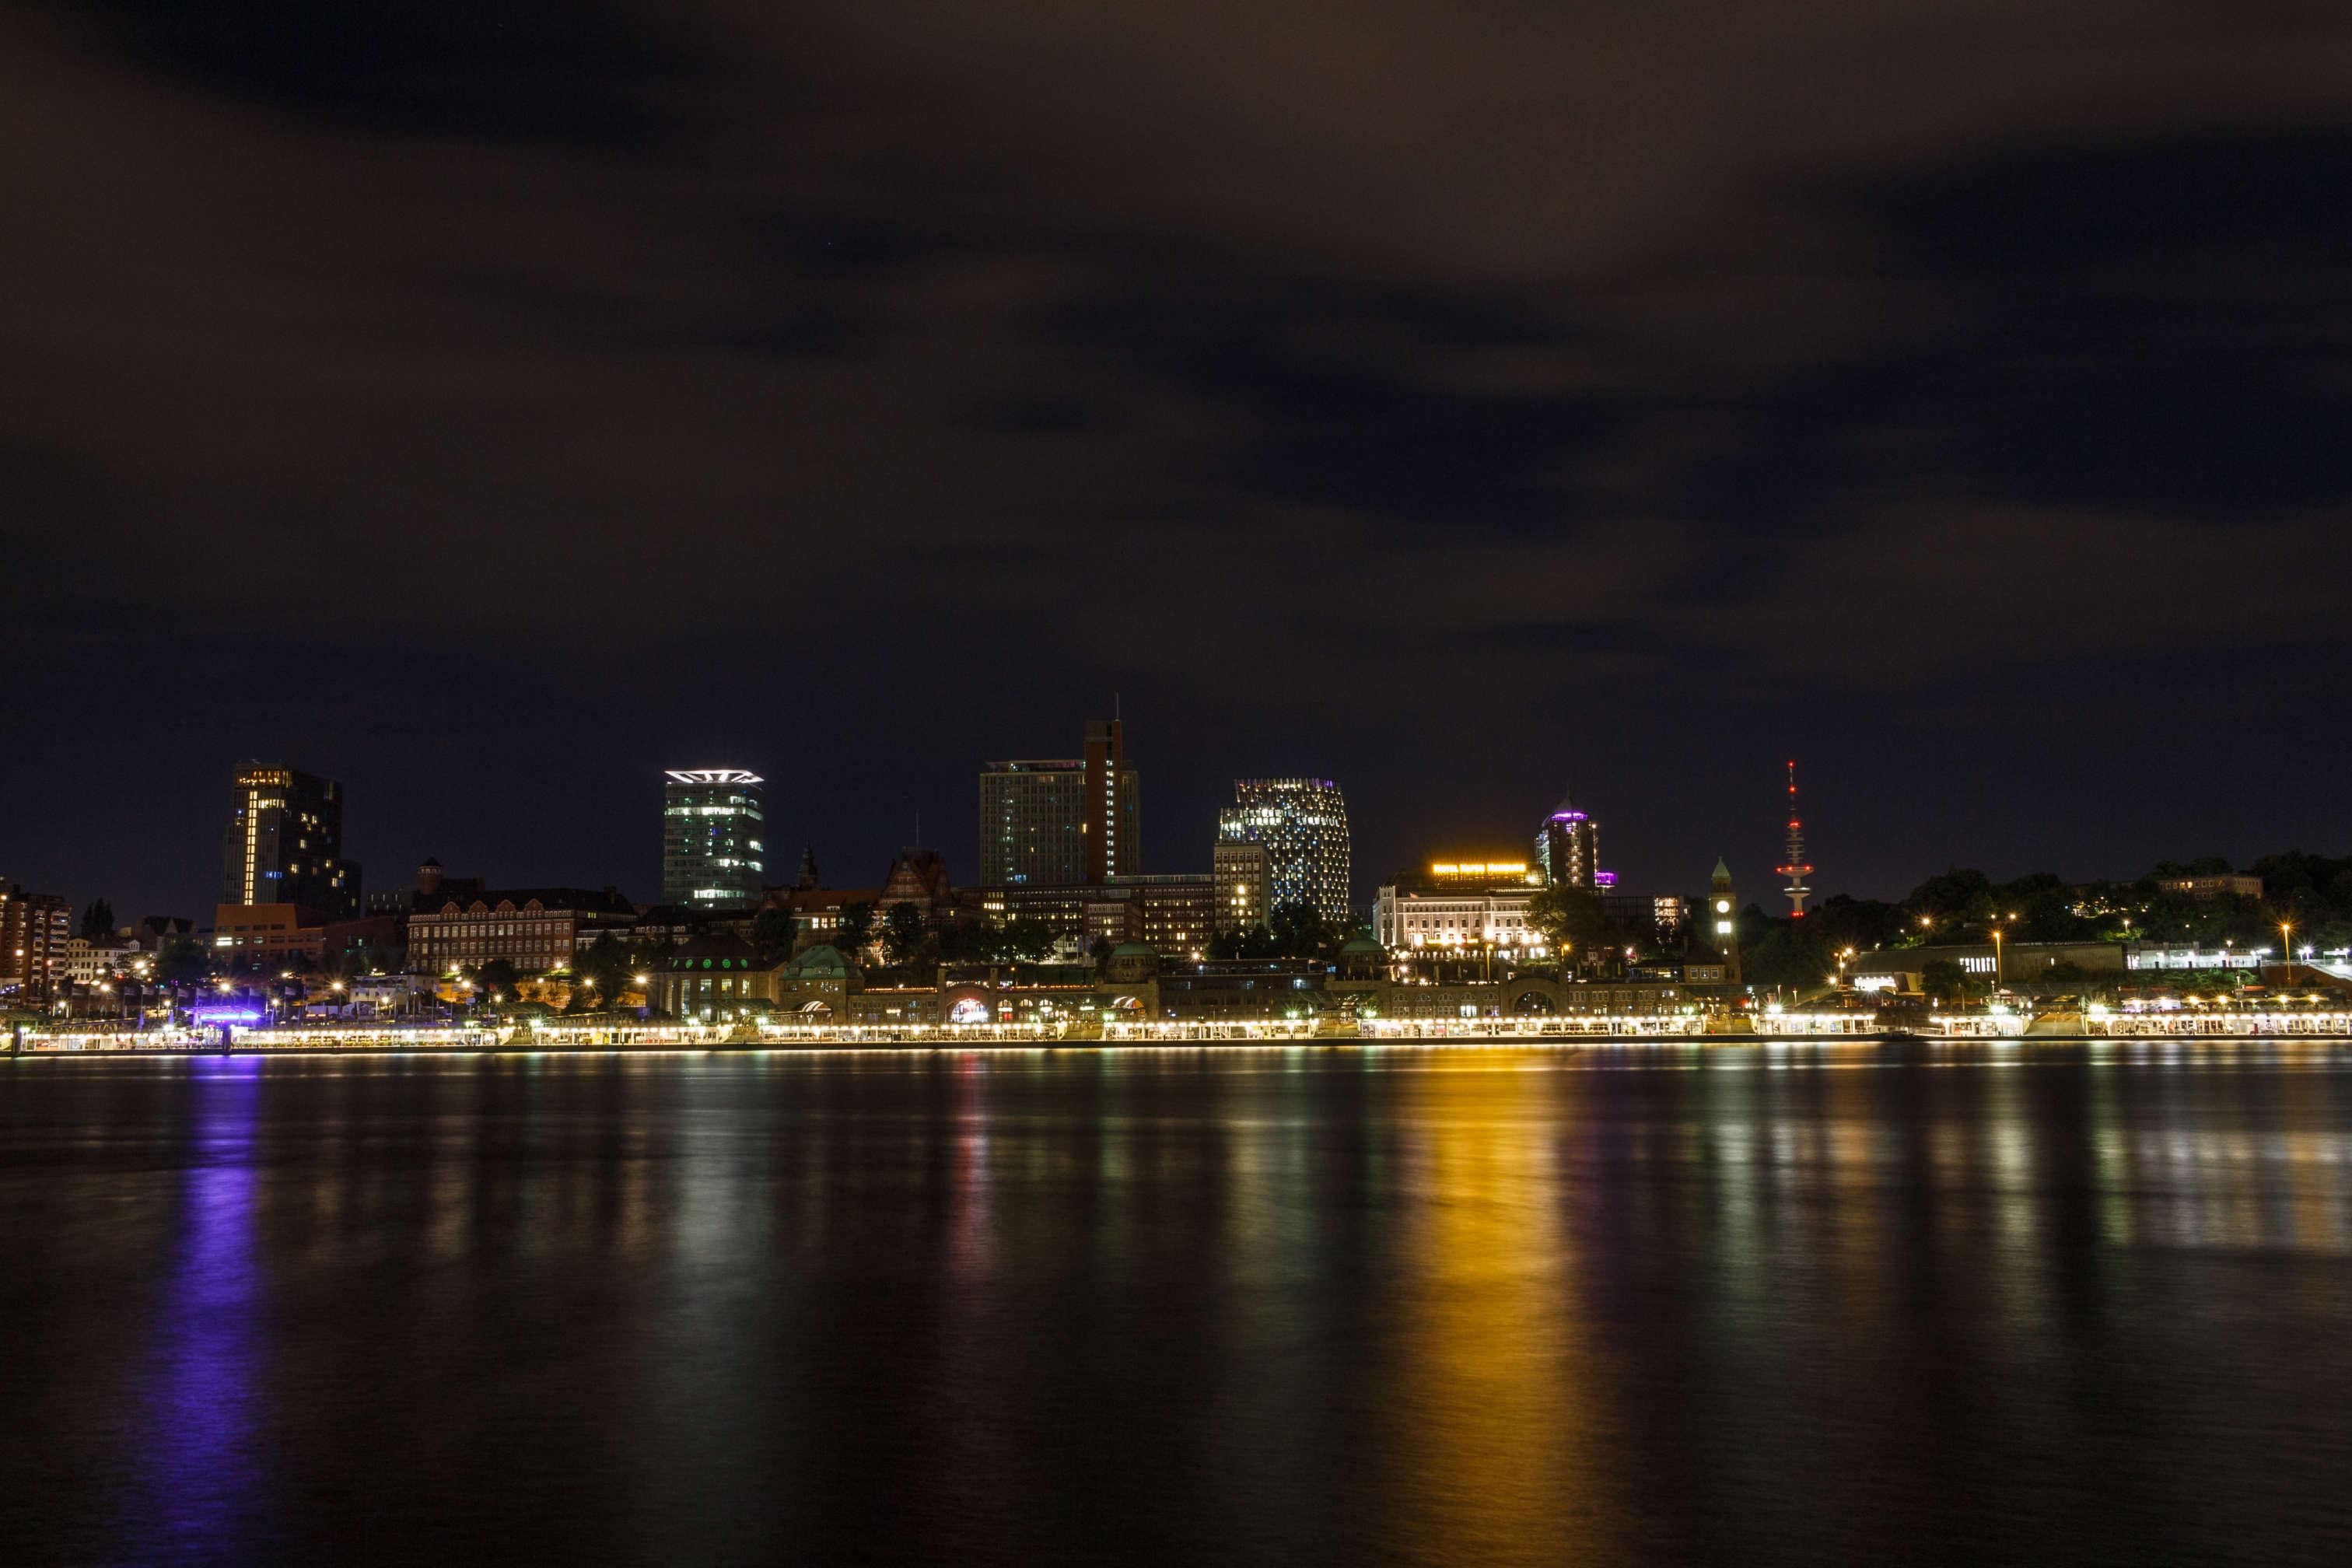 Ein Teil der Hamburger Skyline bei Nacht